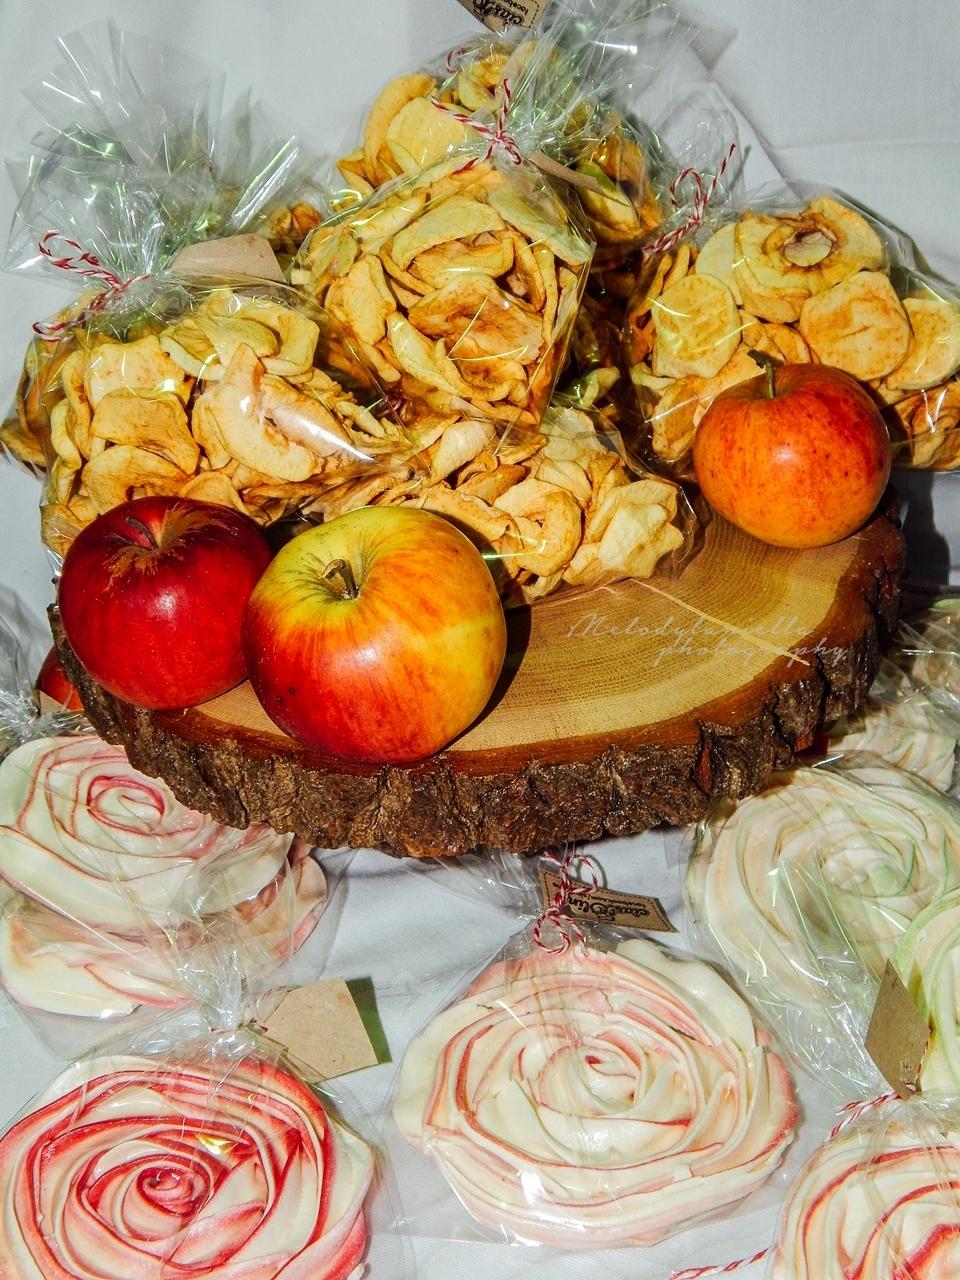 Boże Narodzenie przepisy pomysły wypieki słodkości jabłka